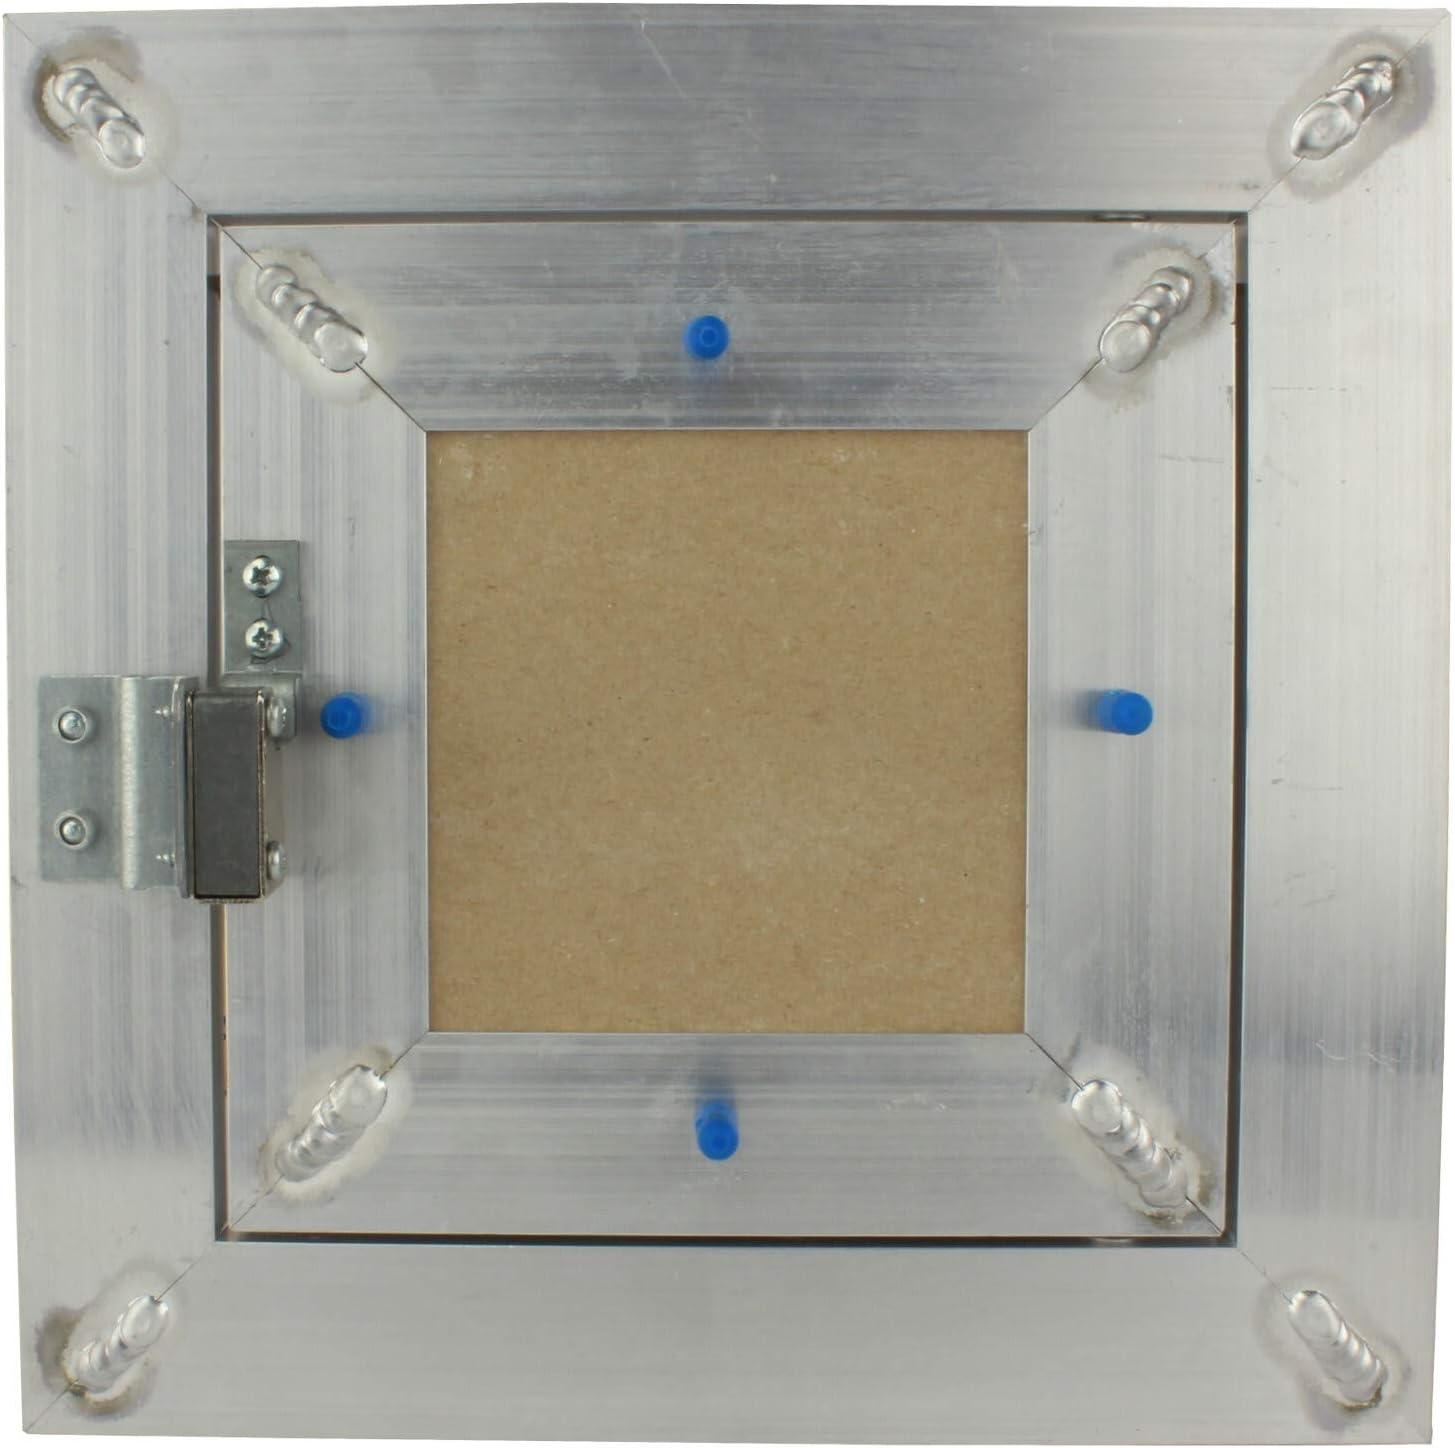 Wartungs Inspektionsklappe Revisionsklappe GK-Einlage Feuchtraum Gipskarton Alu VONLIS/® 150 x 150 mm